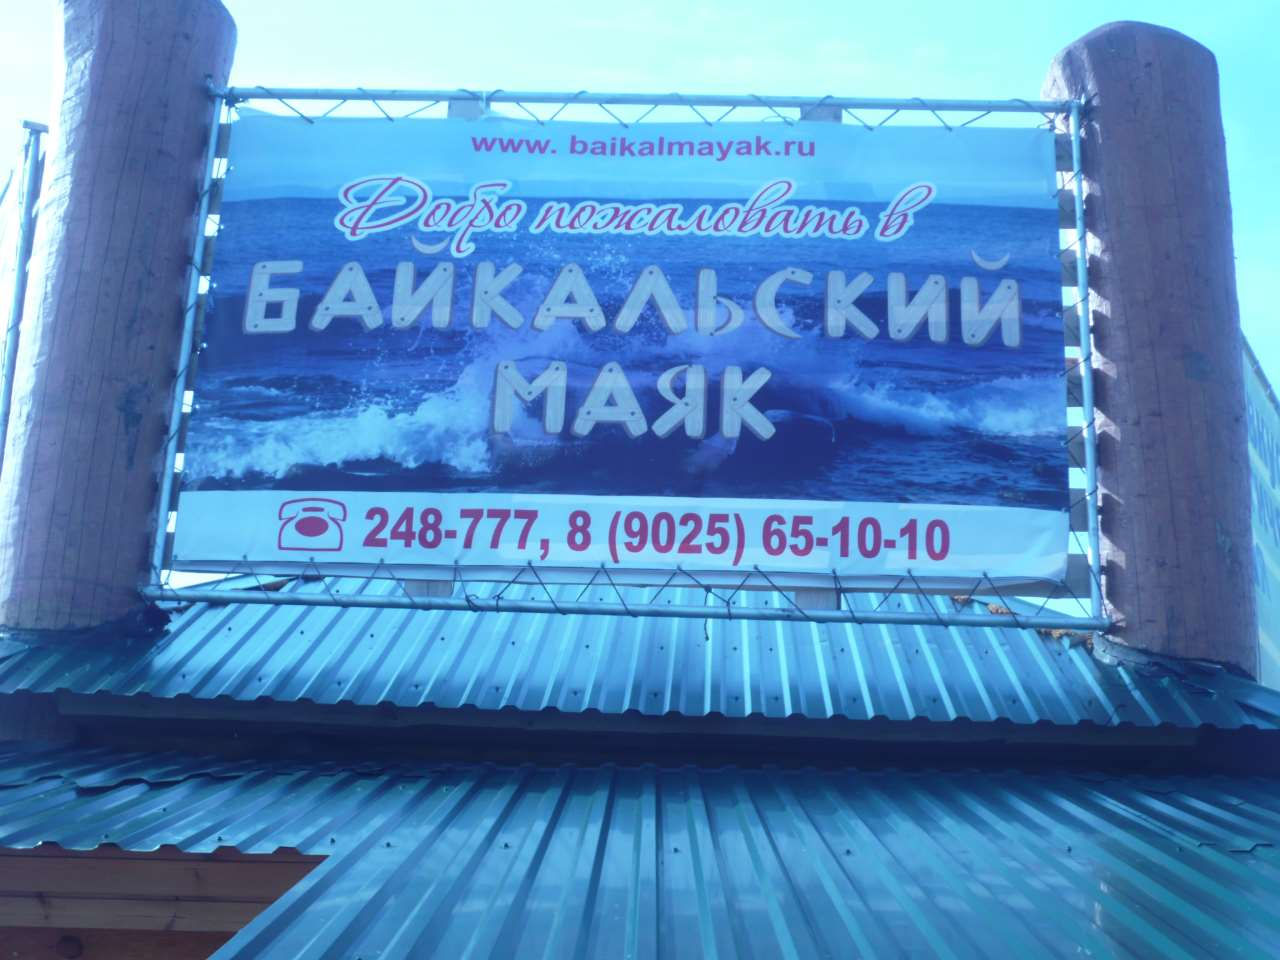 http://baikalmayak.ru/images/download/P1040669.jpg